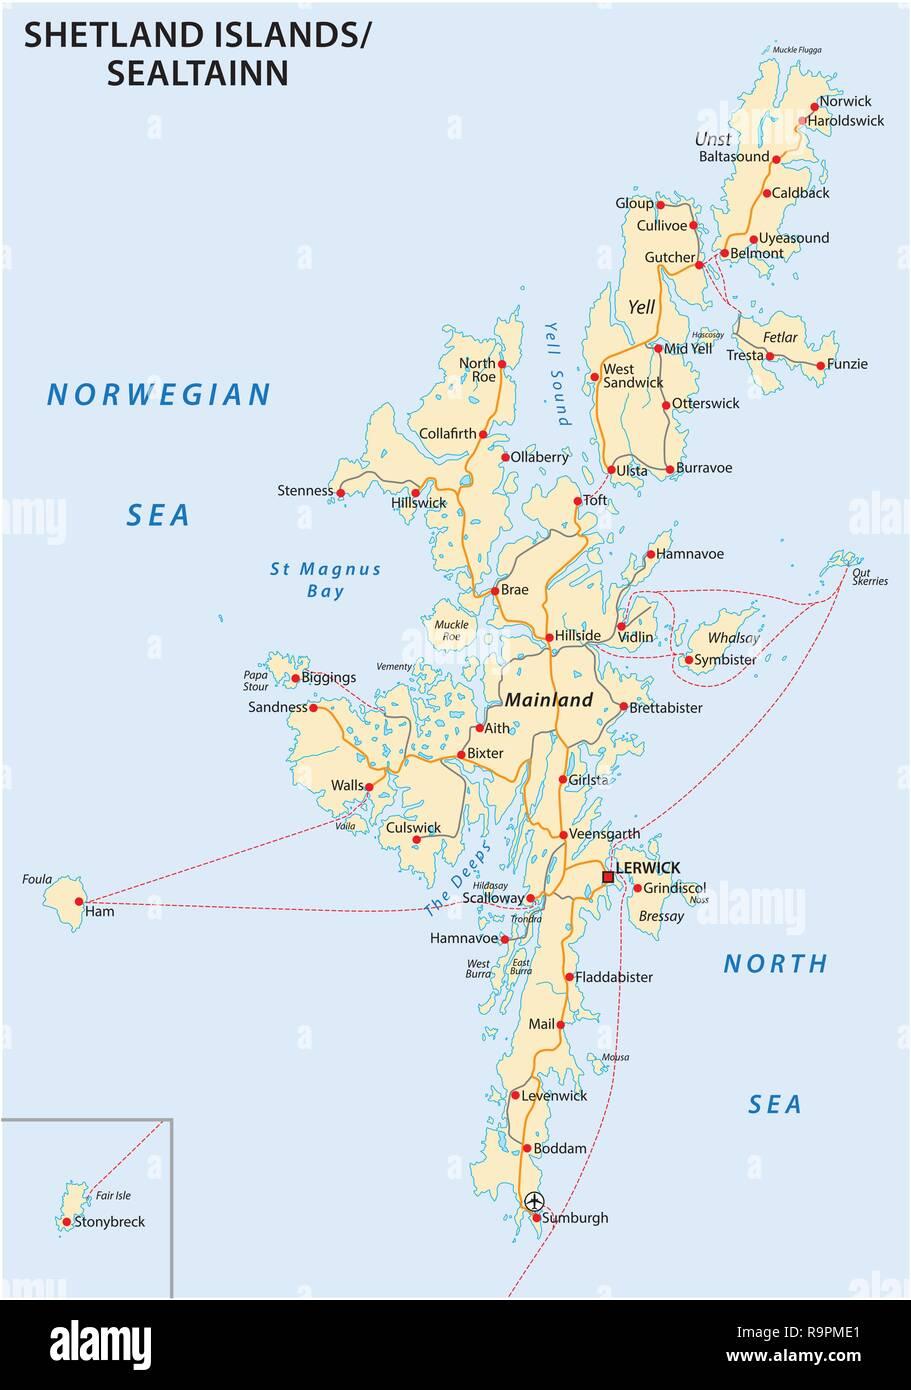 Le isole Shetland road map, Scotland, Regno Unito Immagini Stock